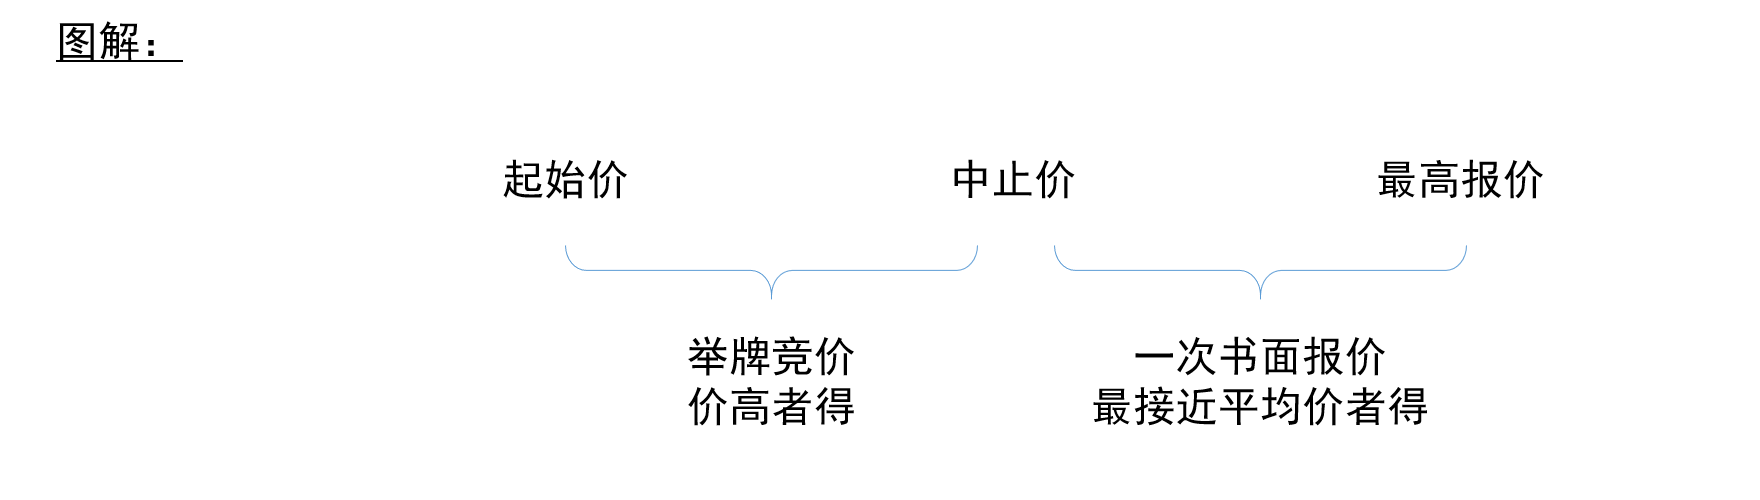 设最高价、限披马甲,上海土地市场出新规